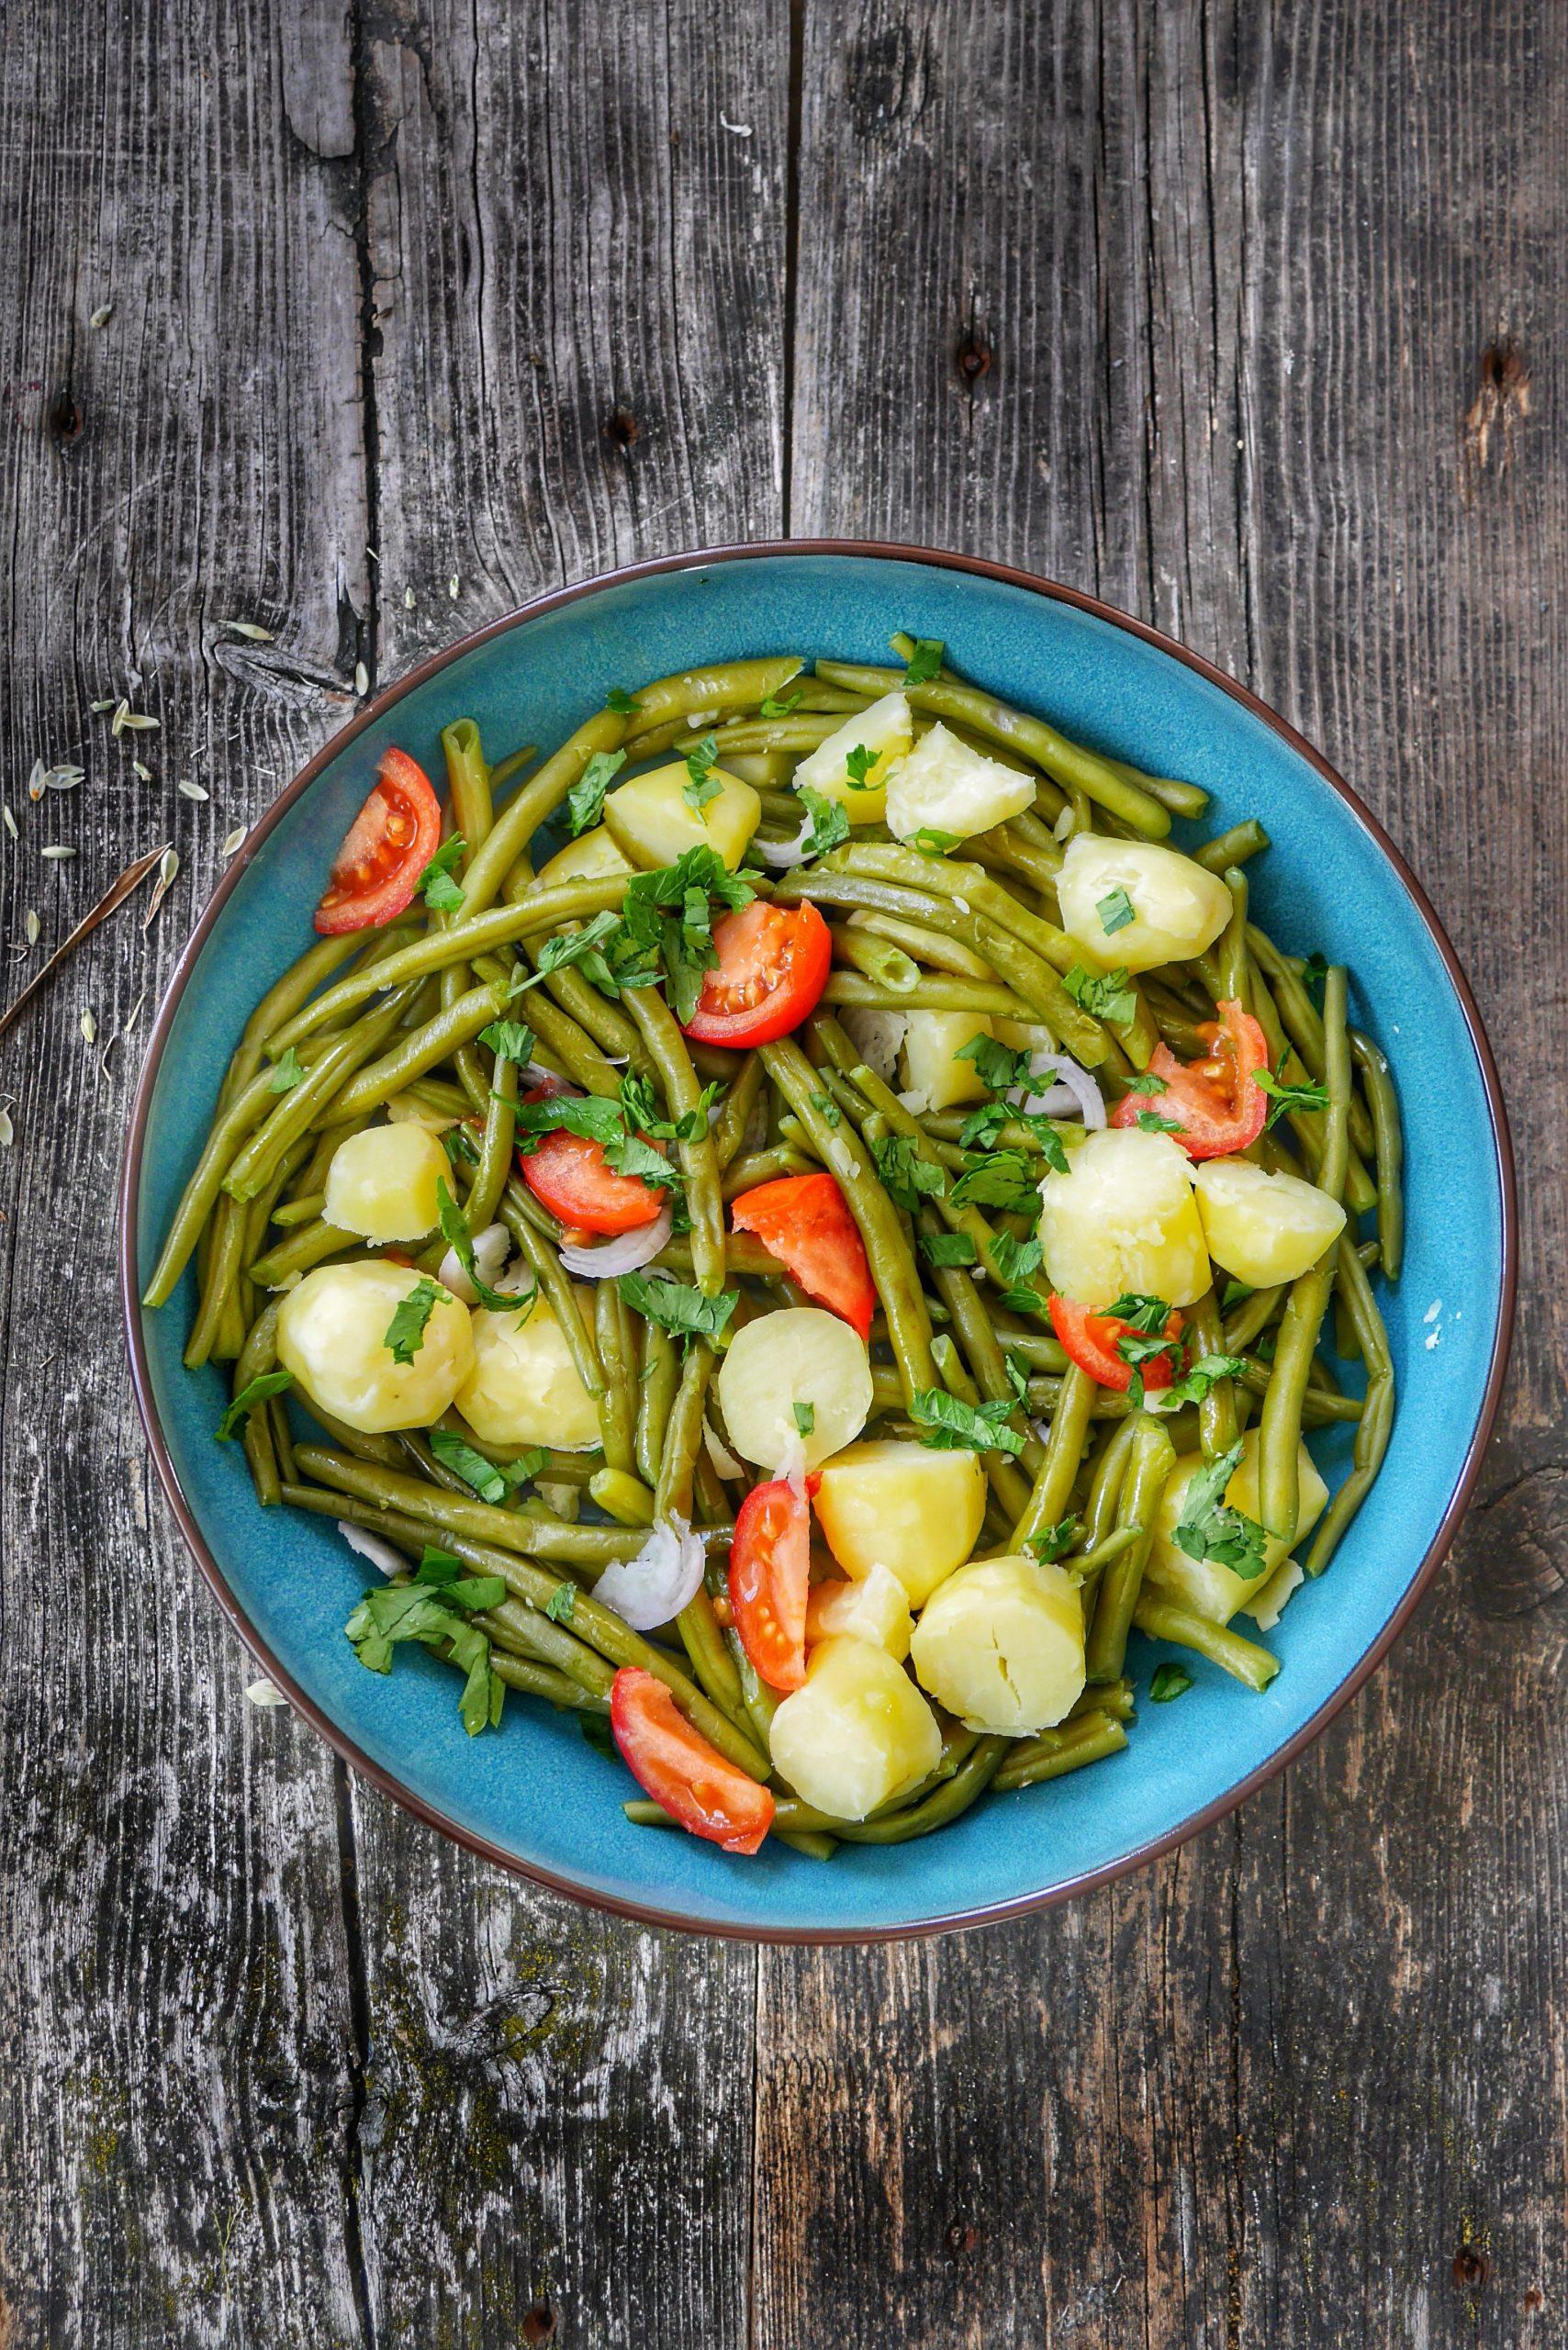 Un plat de salade de haricot verts, pommes de terre à l'eau et tomates